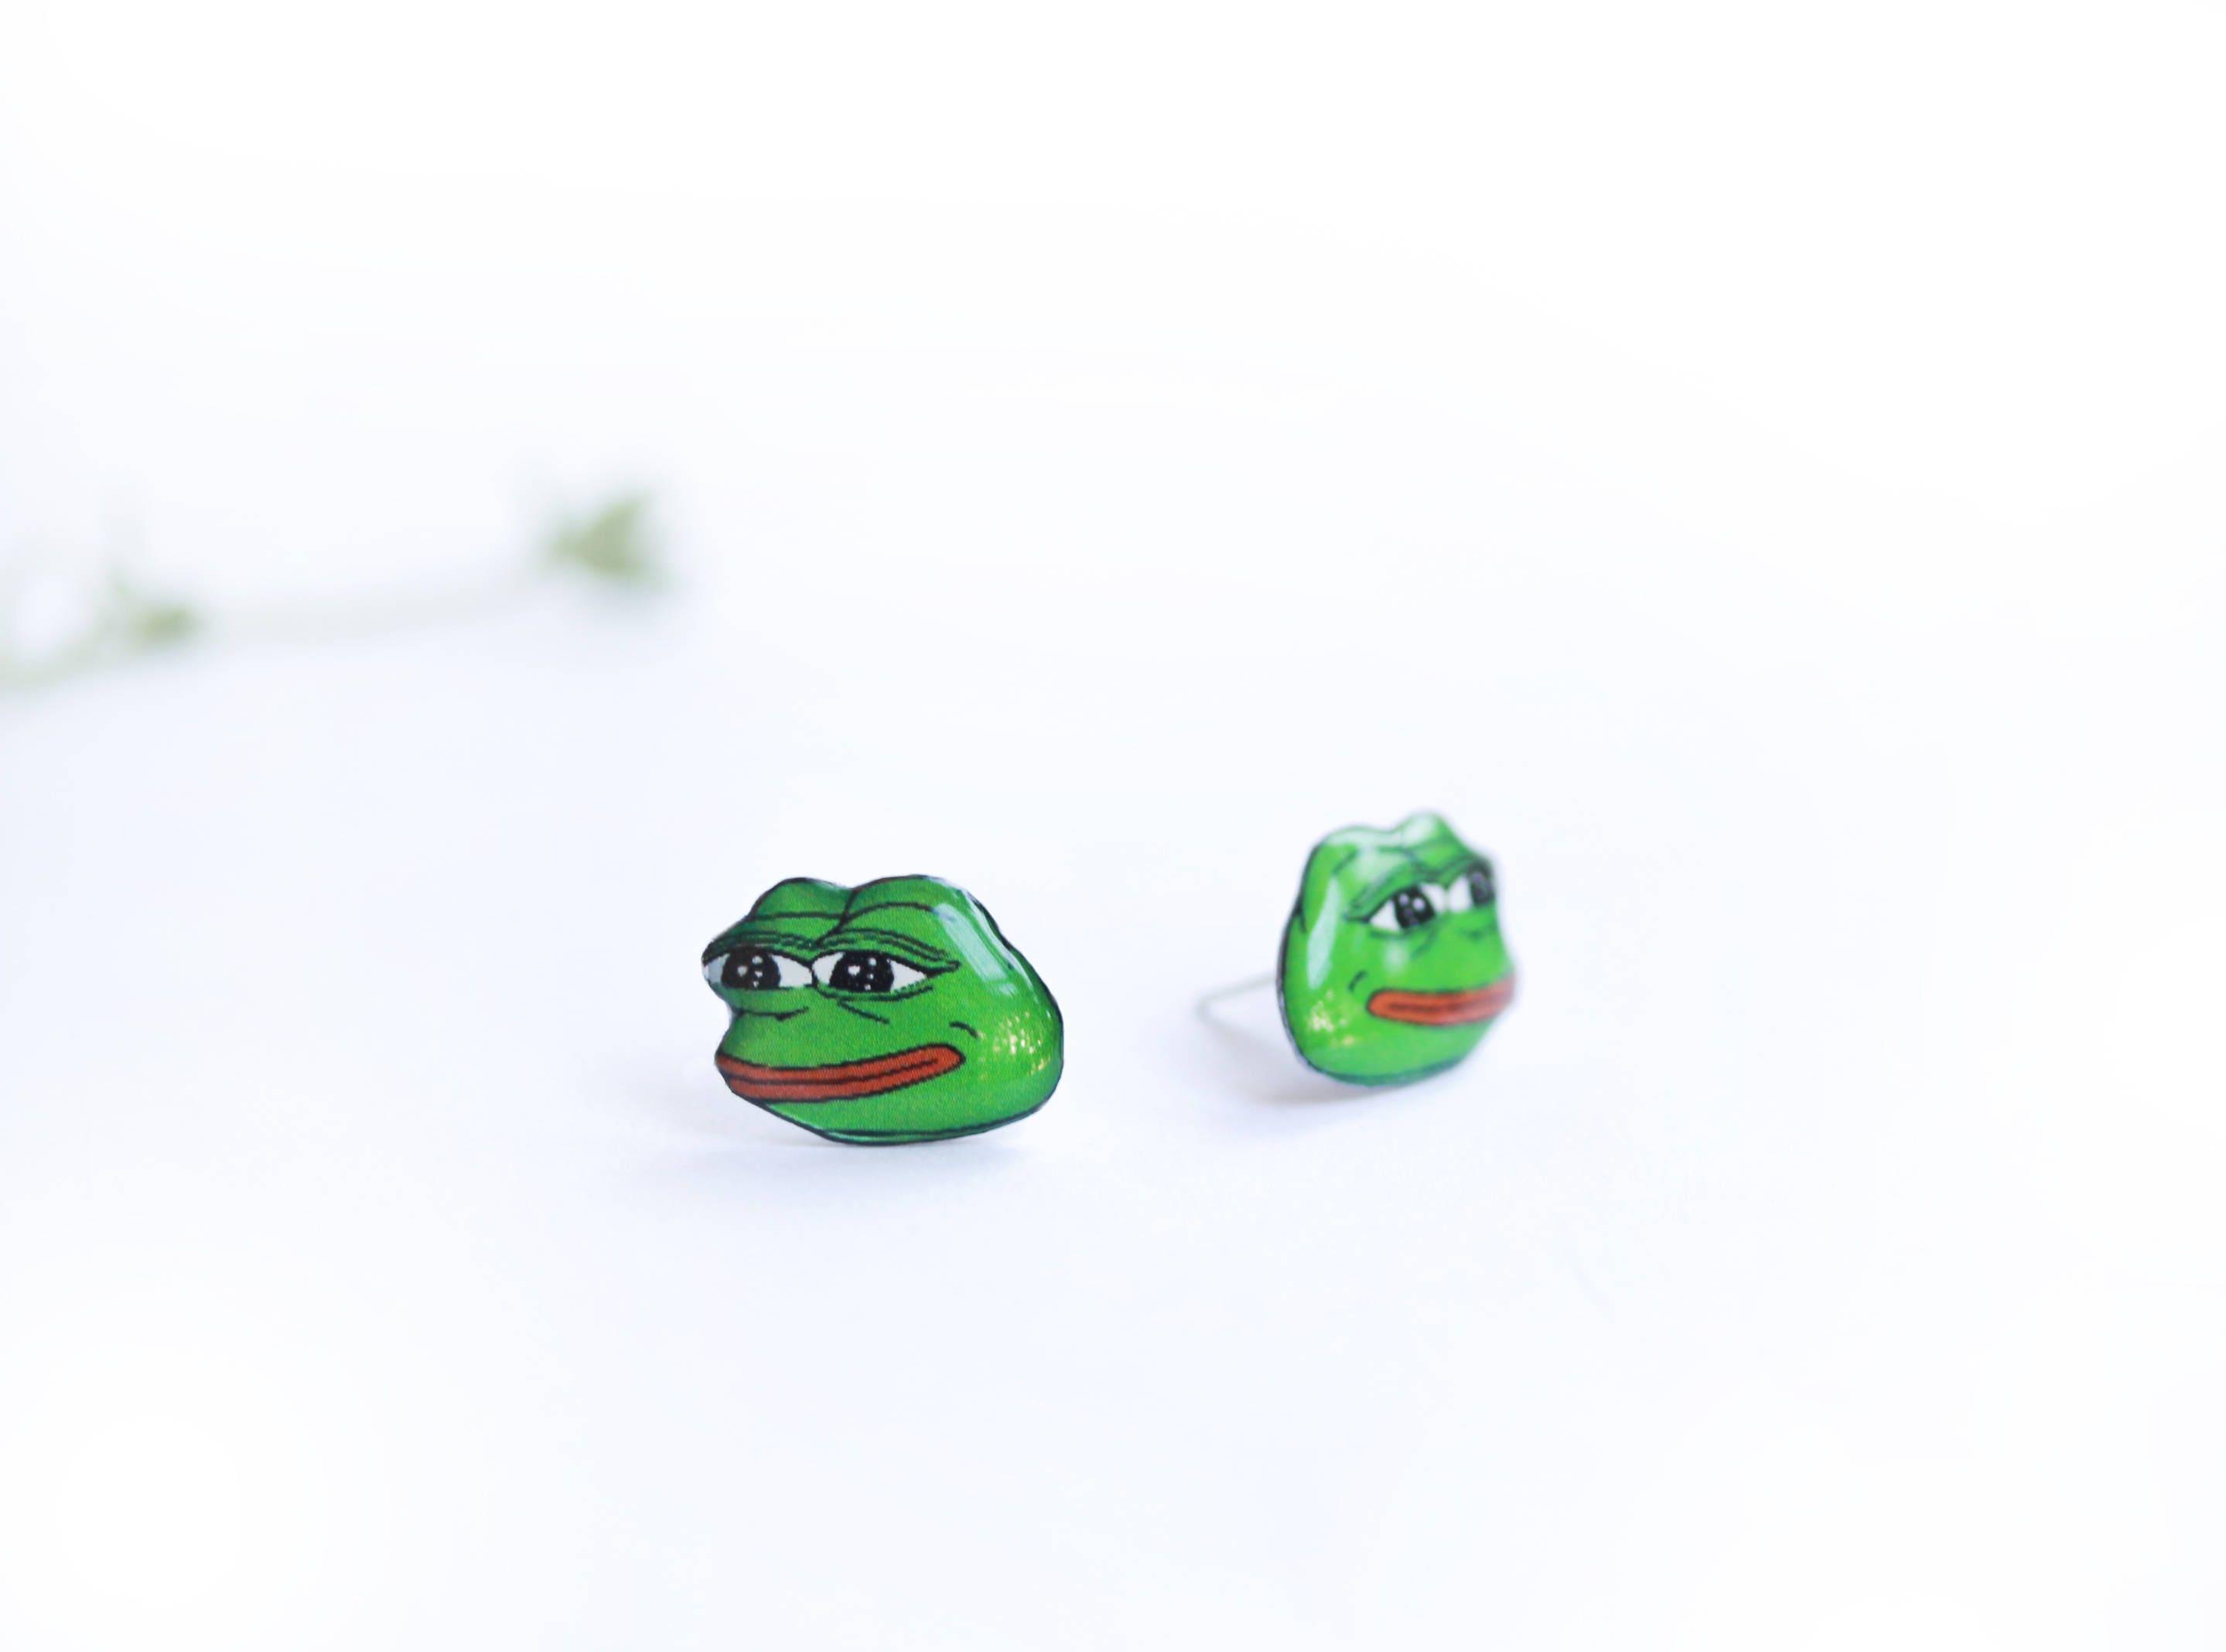 Funny Jewelry Meme : Frog meme meme lover gift sad frog meme meme earrings